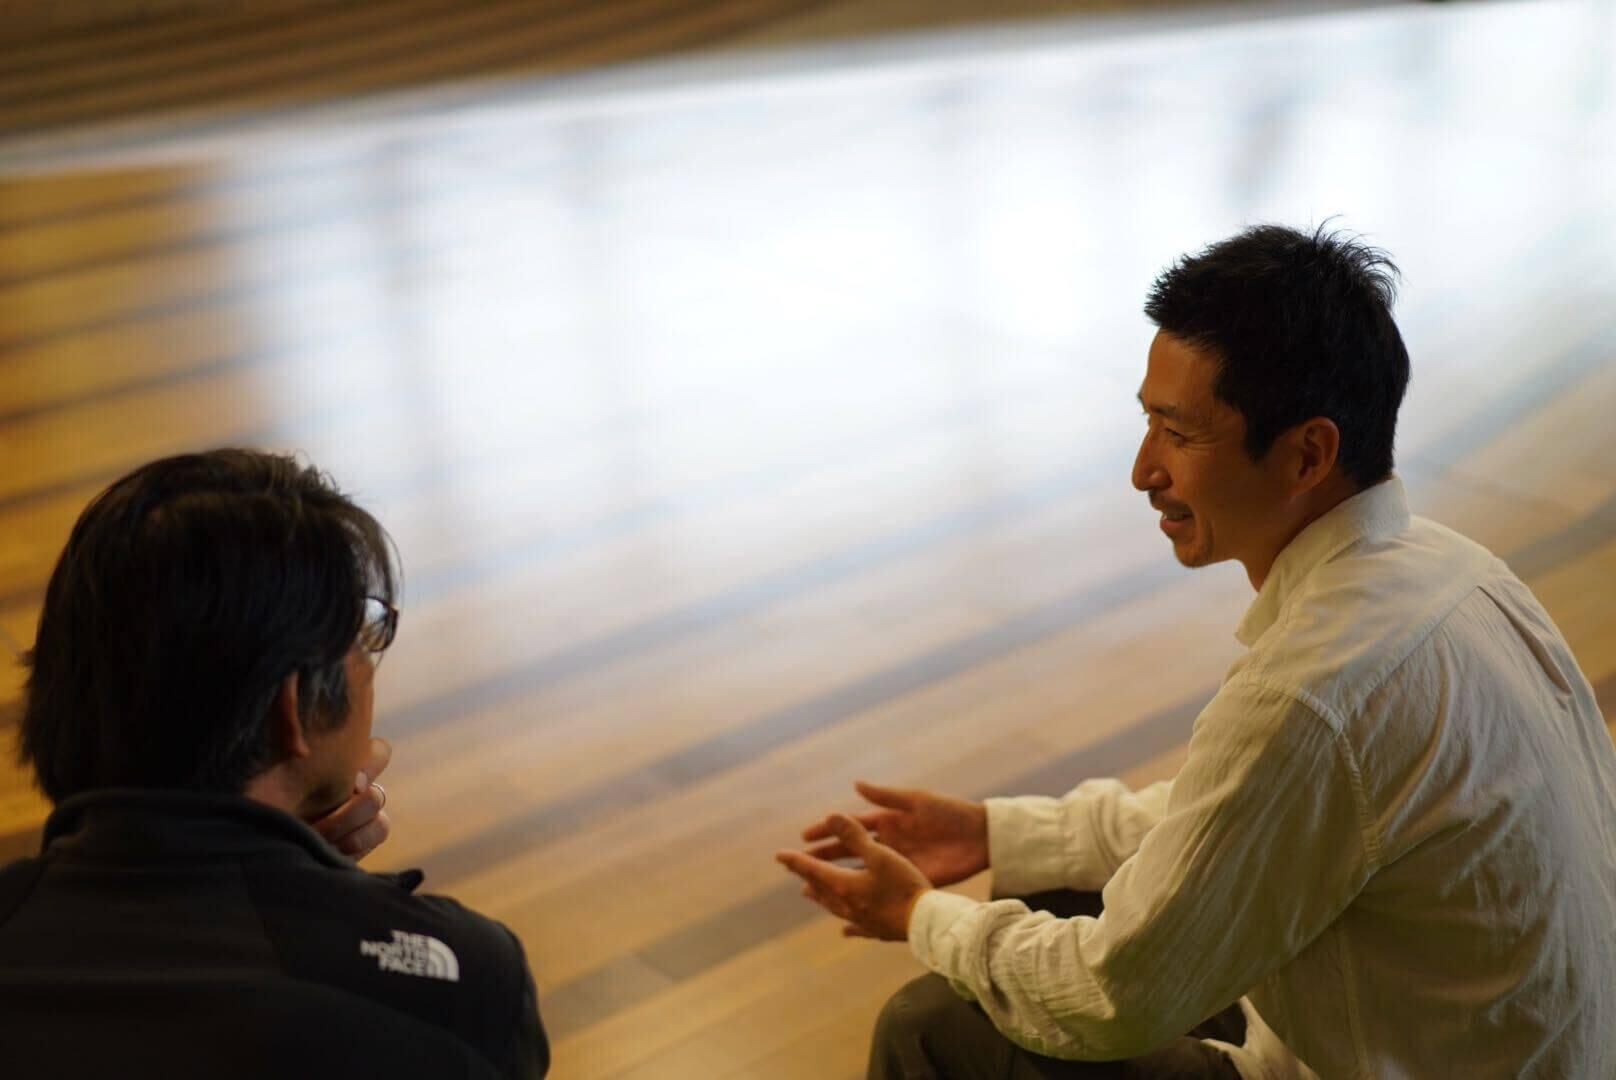 「自分でつくりだすことができると、幸福の感度ってあがるんじゃないかな」渡辺正寿